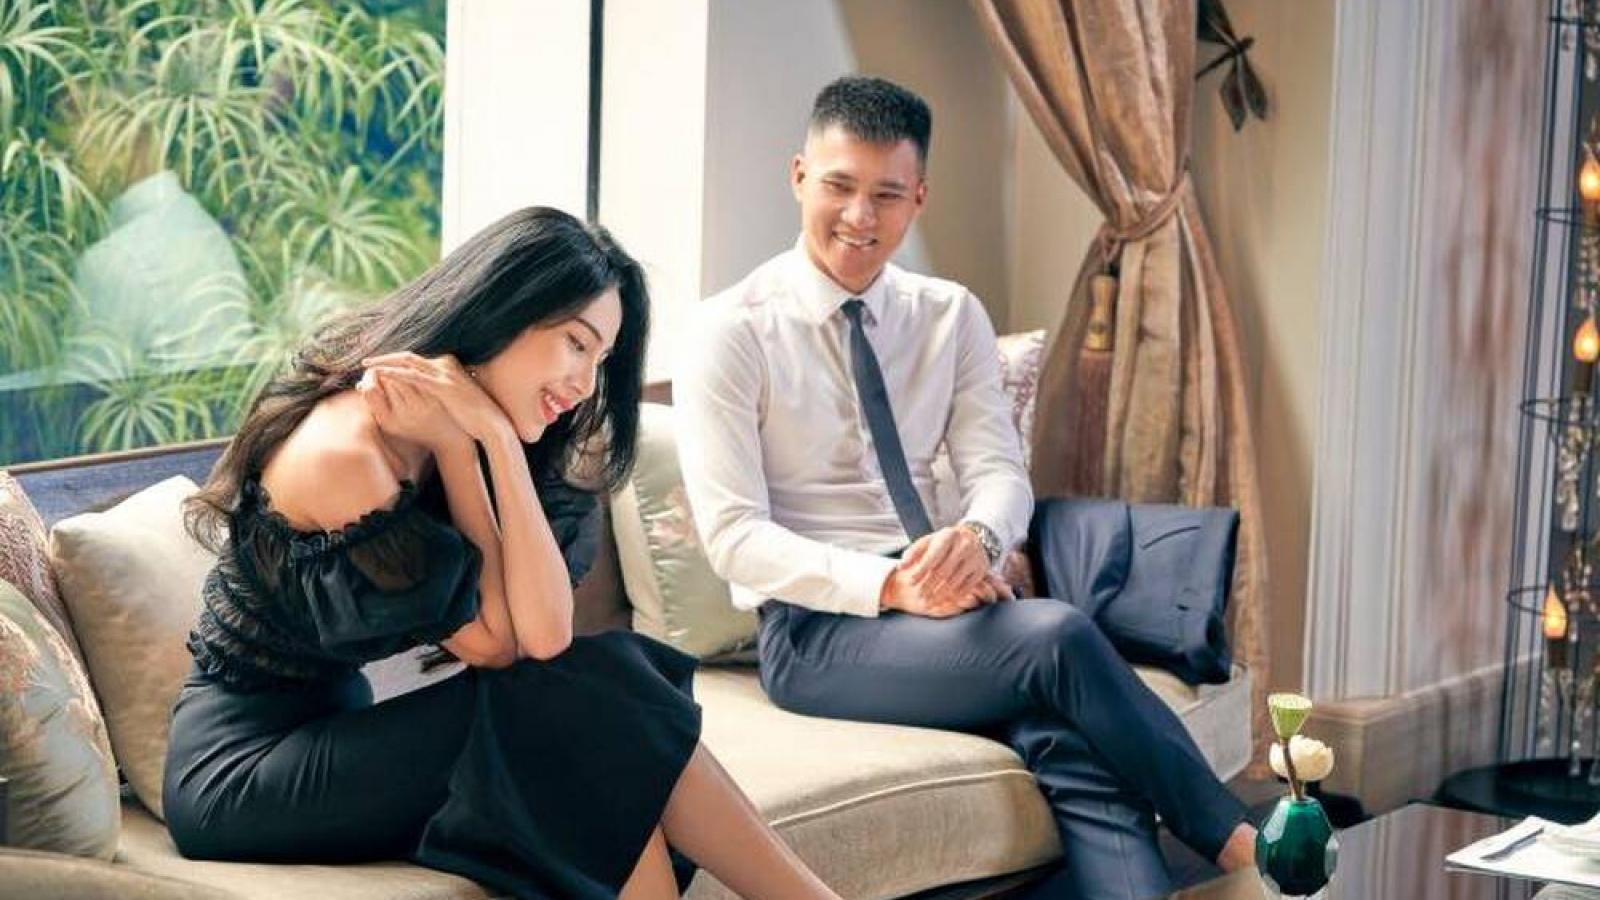 Chuyện showbiz: Thủy Tiên phản ứng khi ông xã Công Vinh bị xúi nên có 2 vợ